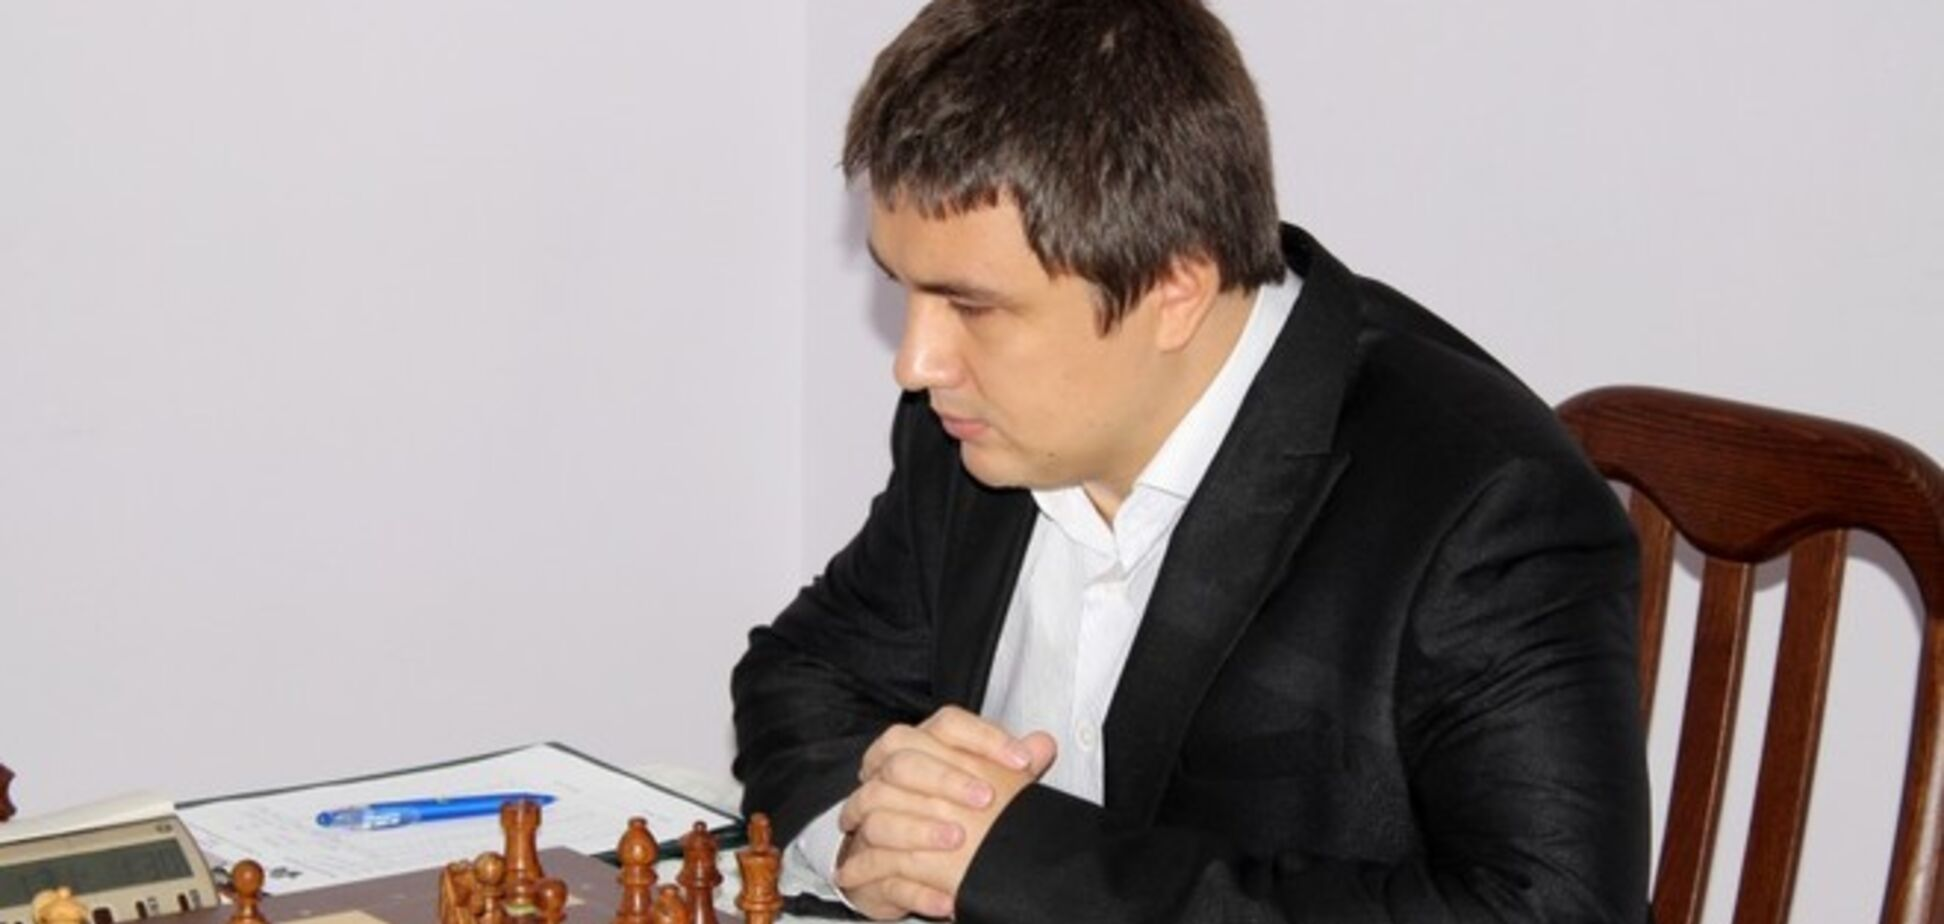 На чемпионате Украины по шахматам установилось многовластие